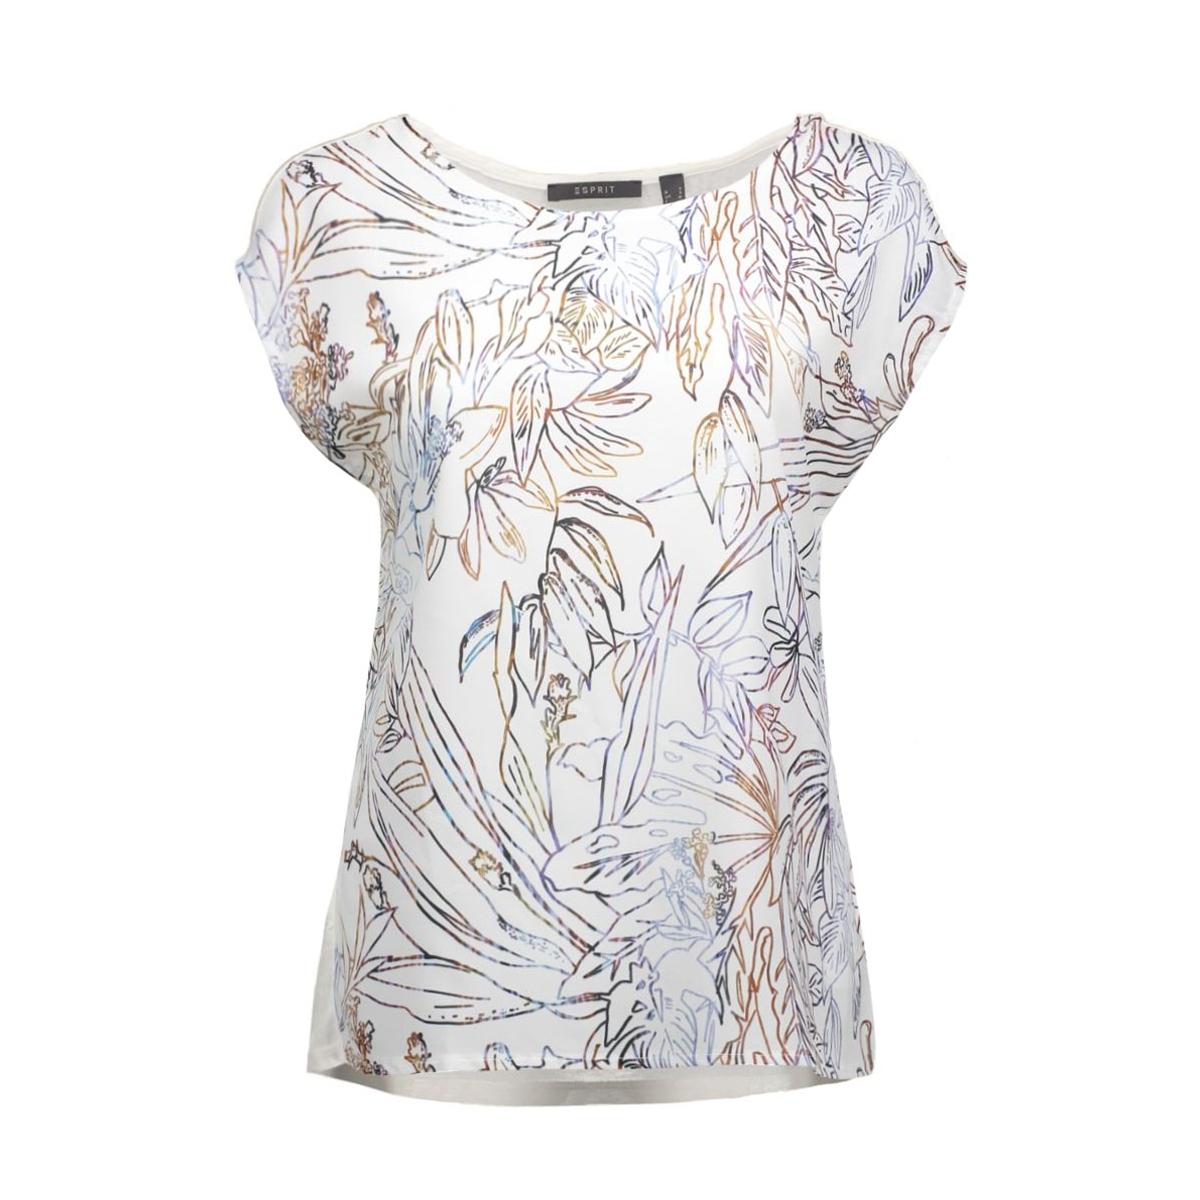 056eo1k003 esprit collection t-shirt e110